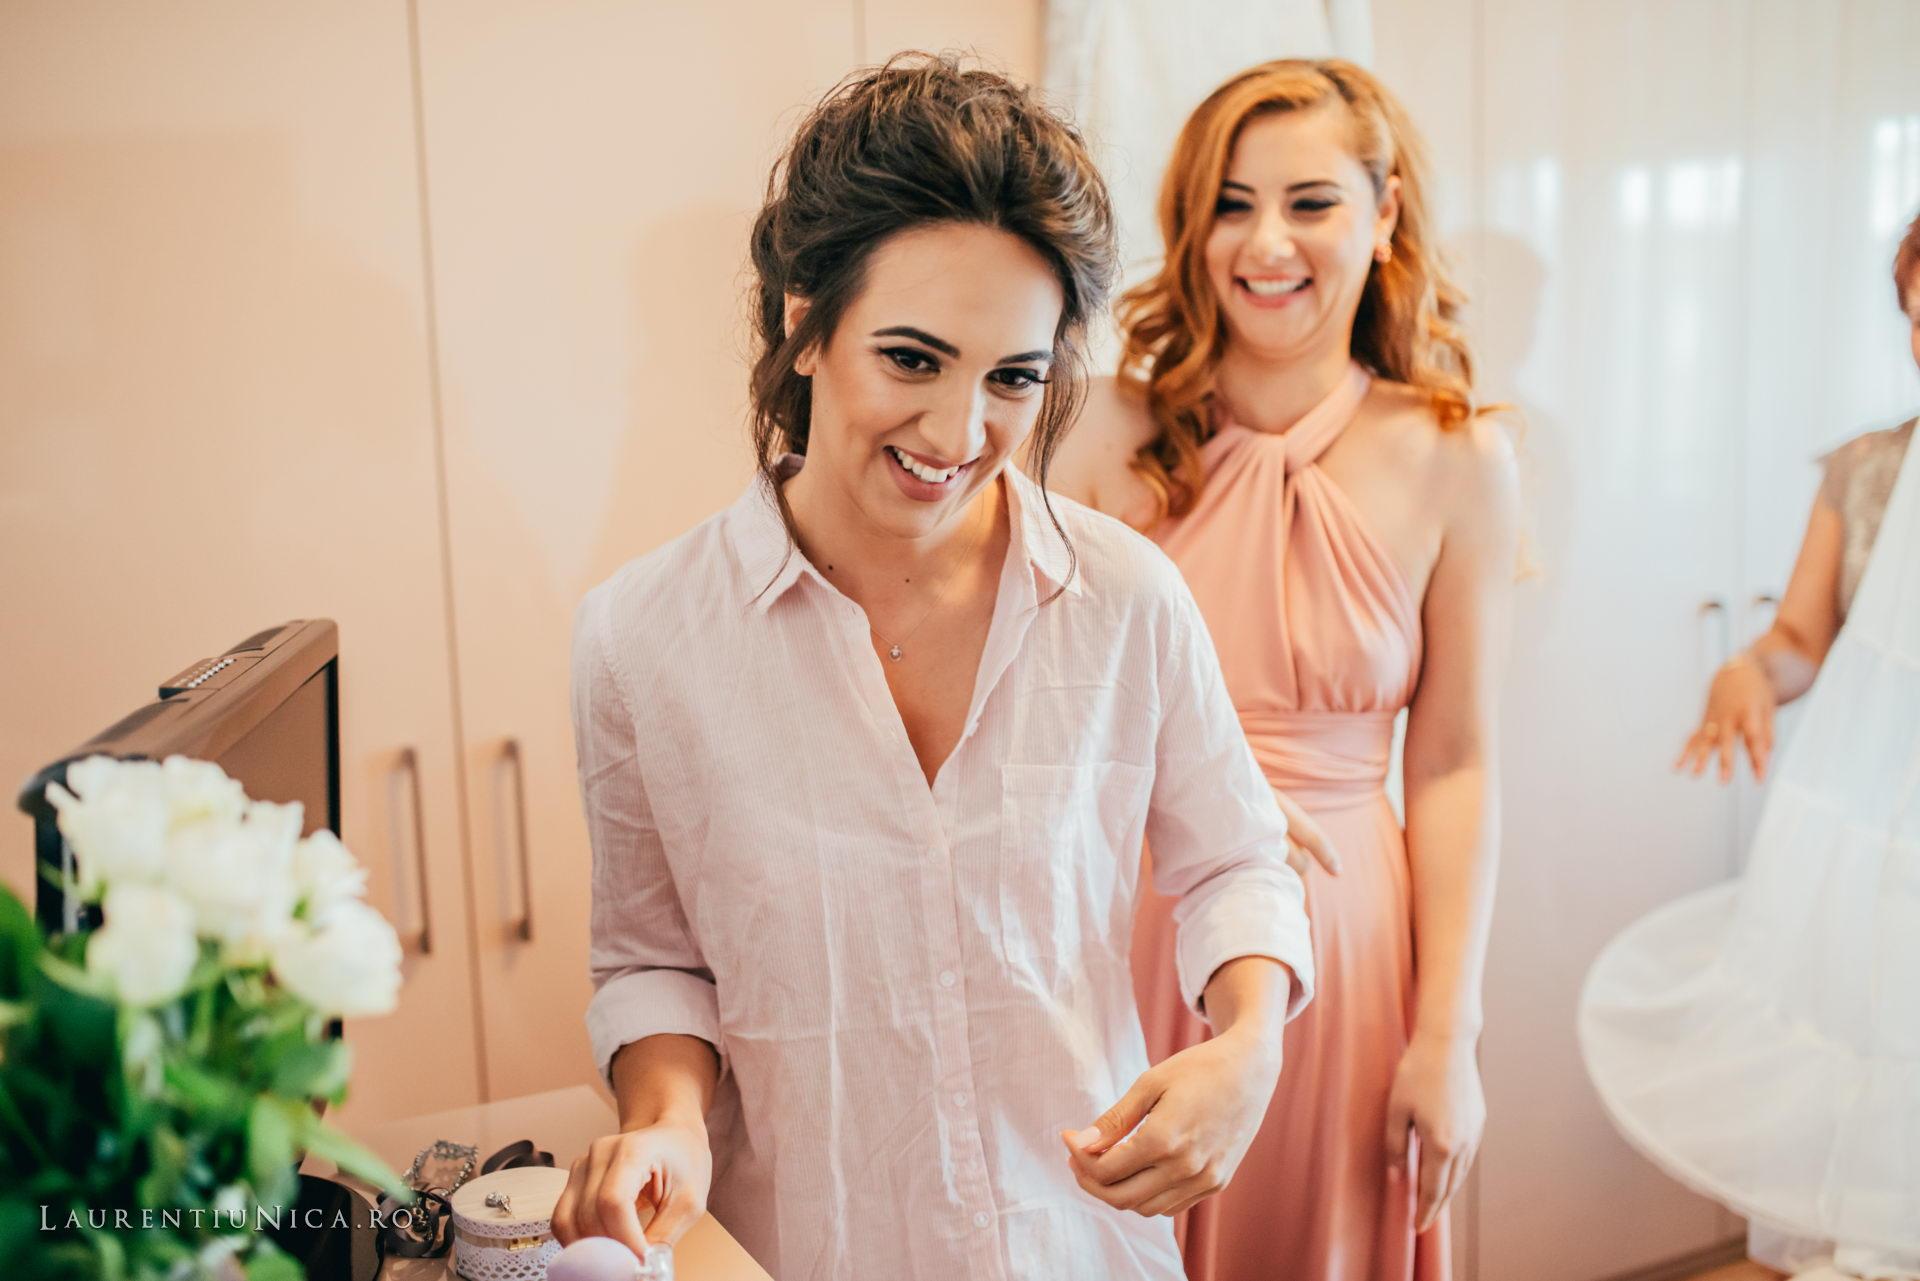 Cristina si Ovidiu nunta Craiova fotograf laurentiu nica 066 - Cristina & Ovidiu | Fotografii nunta | Craiova